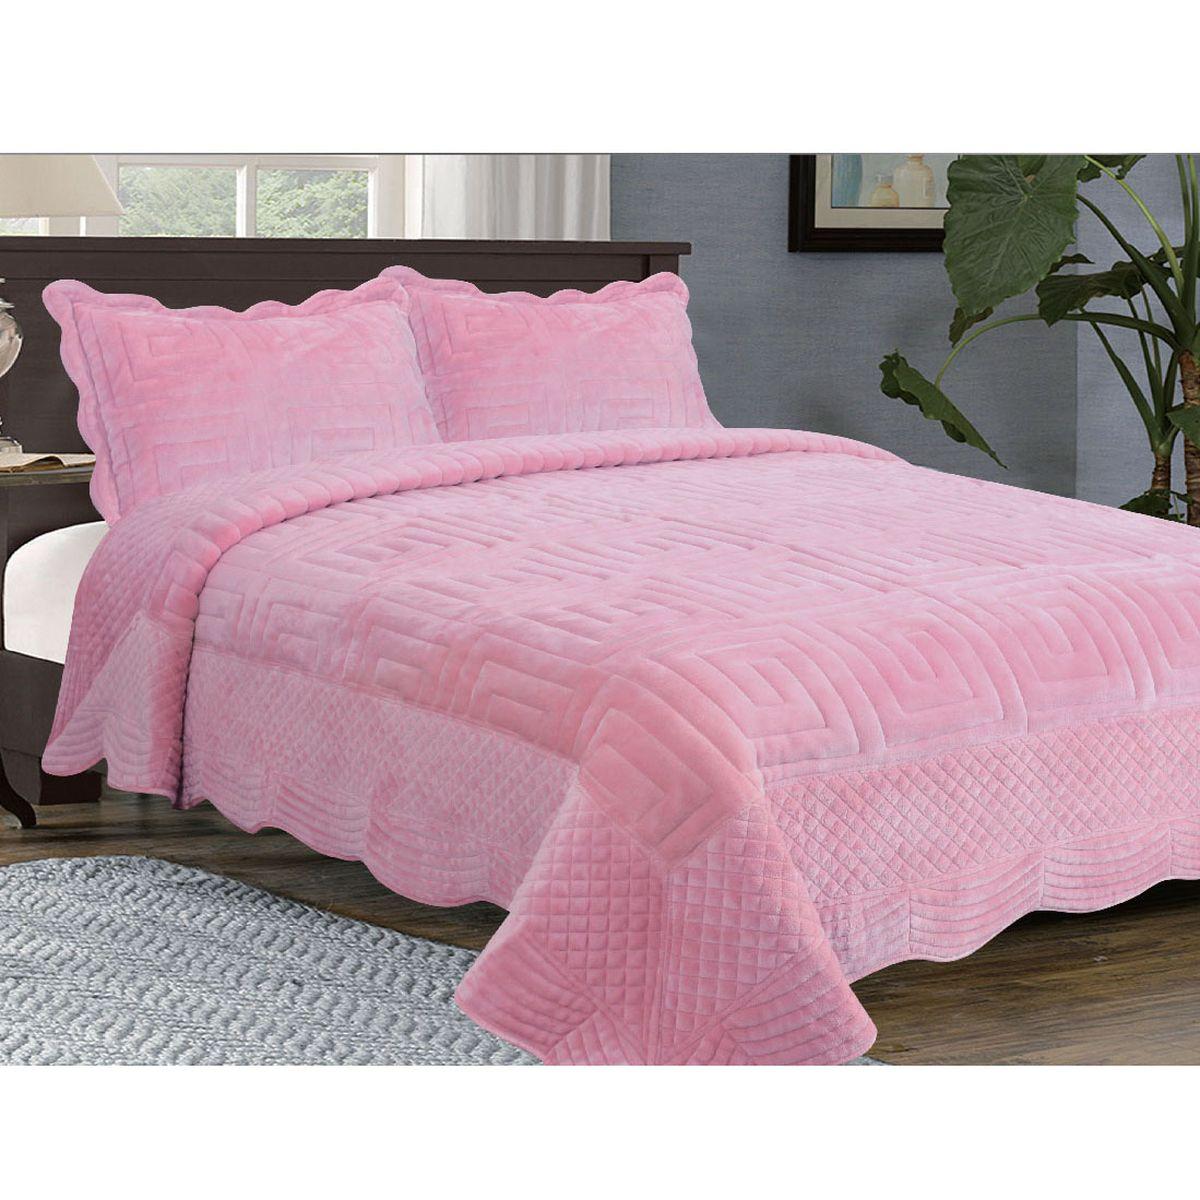 """Комплект для спальни Buenas Noches """"Afini"""": покрывало 230 см х 250 см, 2 наволочки 50 см х 70 см, цвет: розовый"""